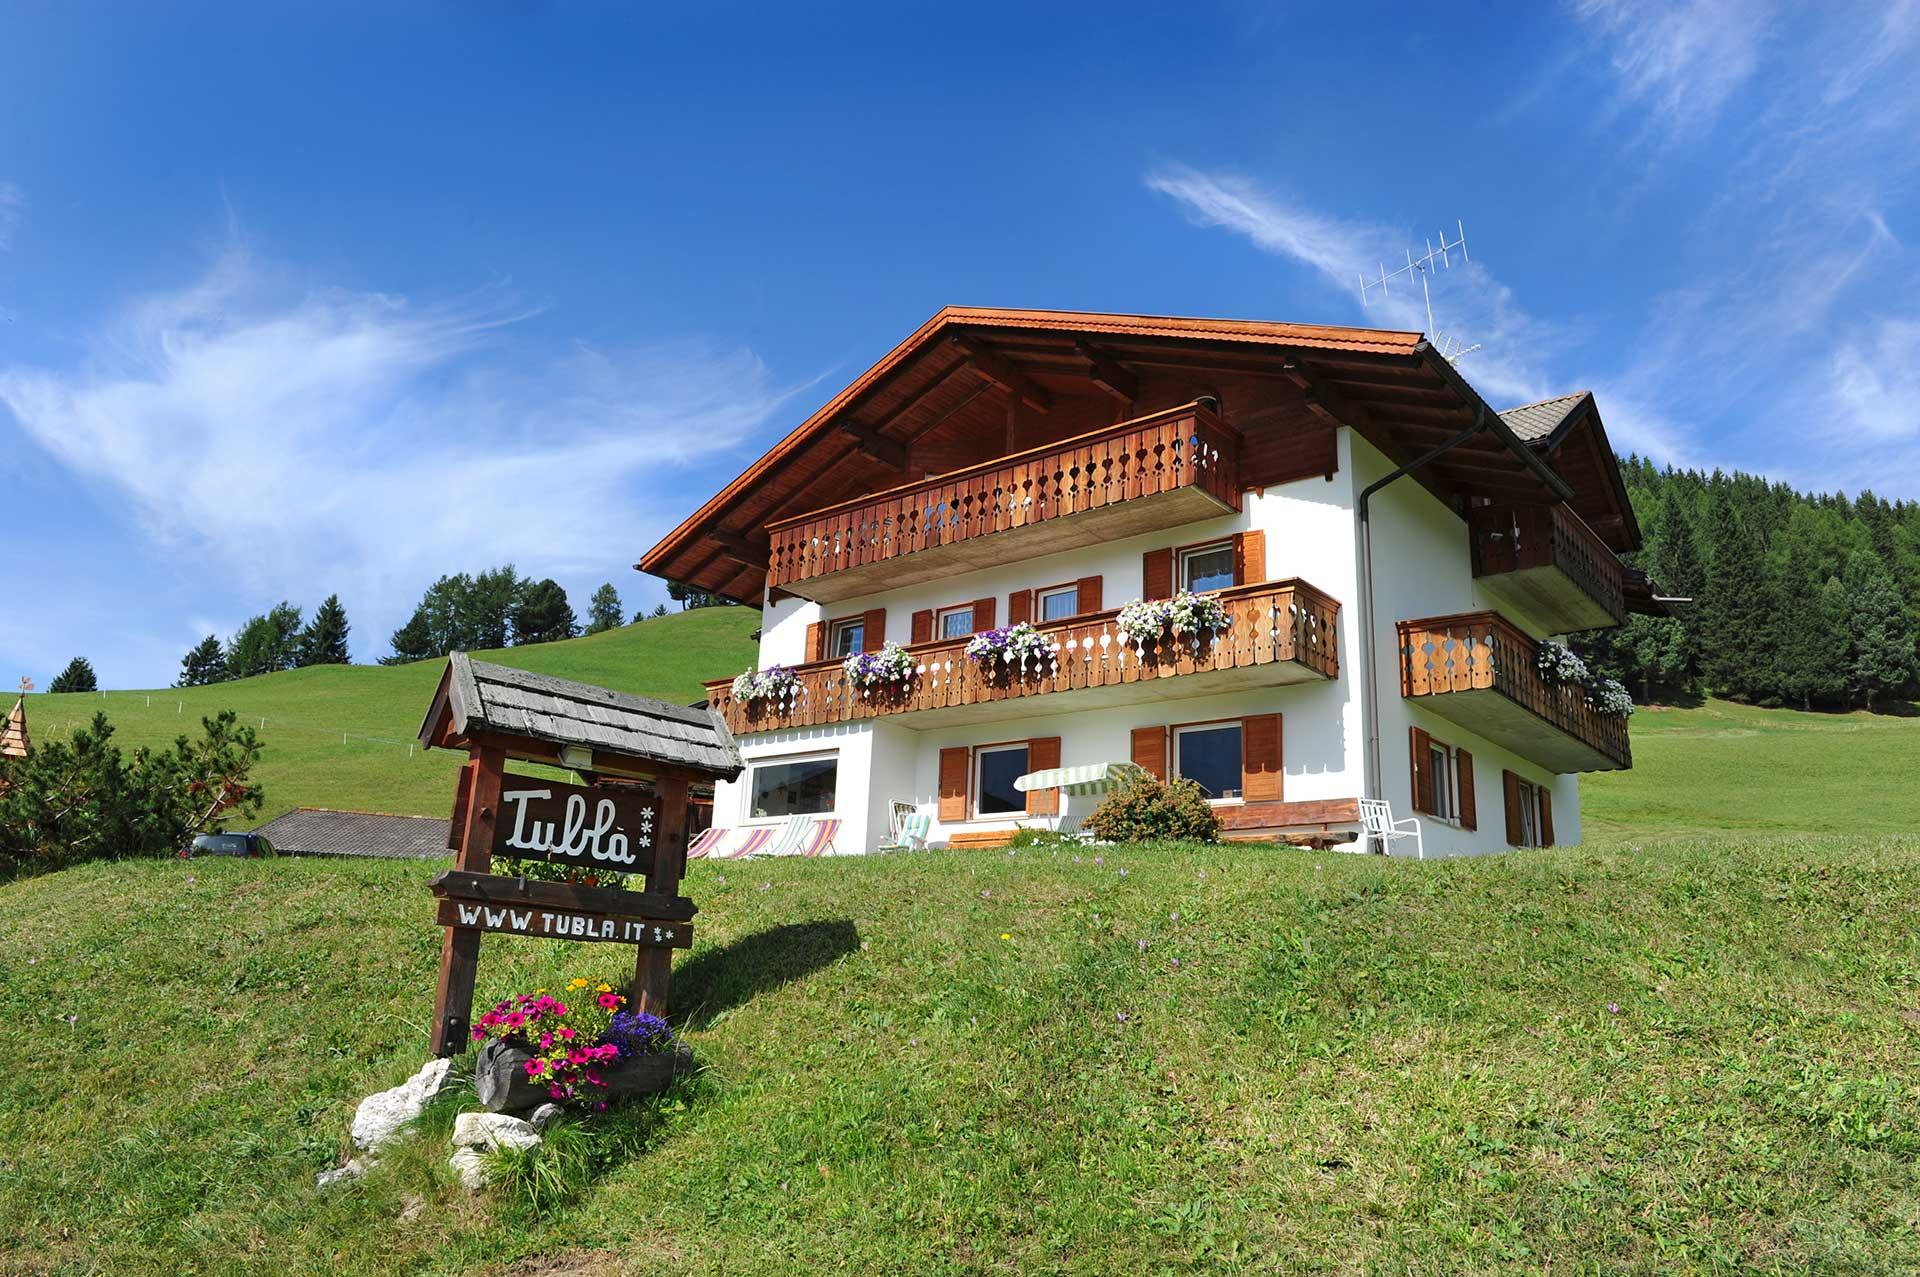 Farm Holidays Tubla In Selva In Val Gardena Dolomites